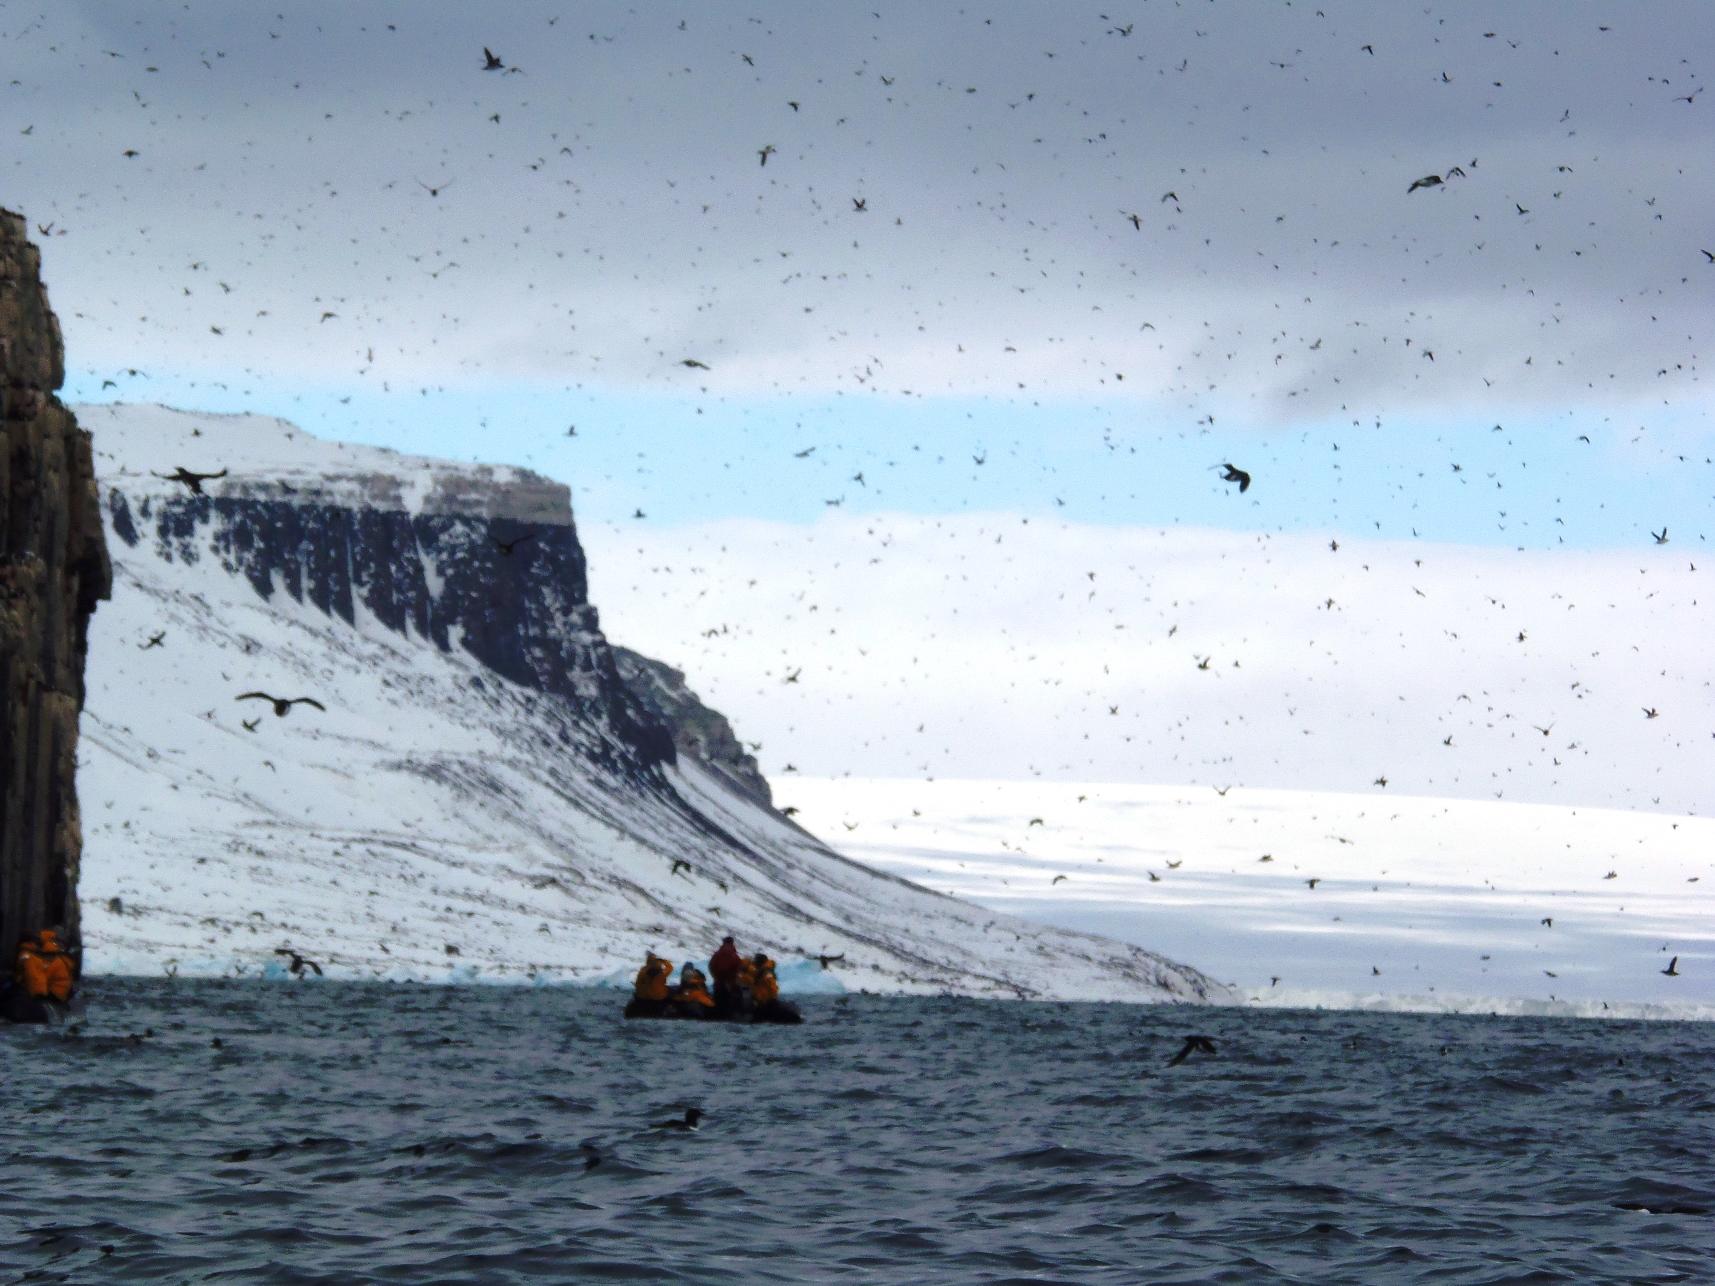 何十万羽もの海鳥が飛び交う